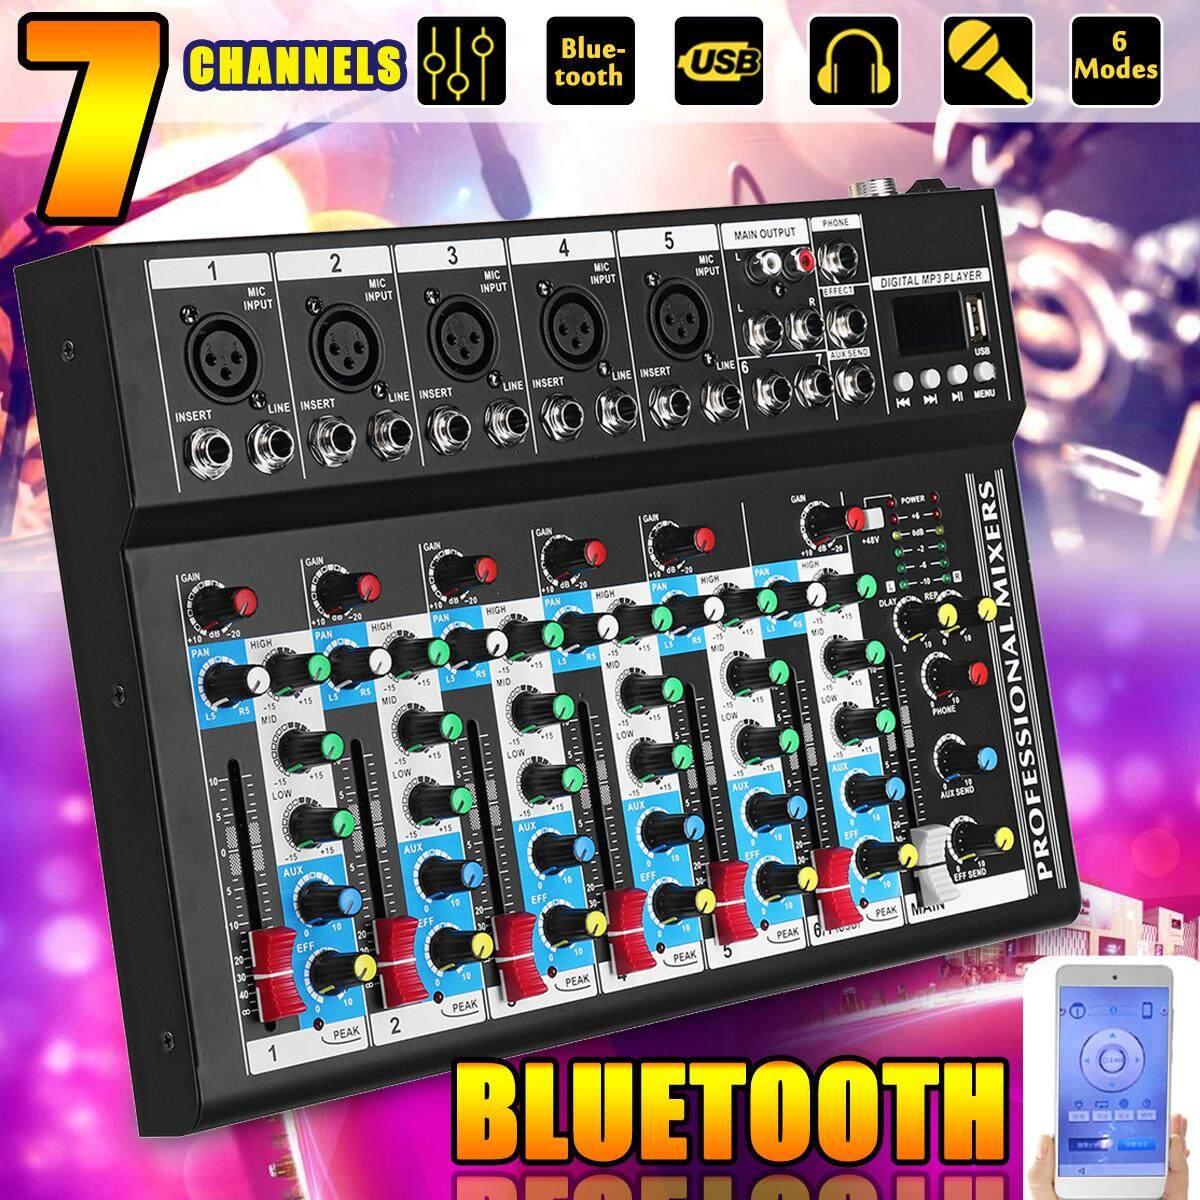 Bluetooth 7 Kênh Sống Phòng Thu Âm Thanh Stereo Phối Trộn Âm Thanh DJ USB Tay Cầm